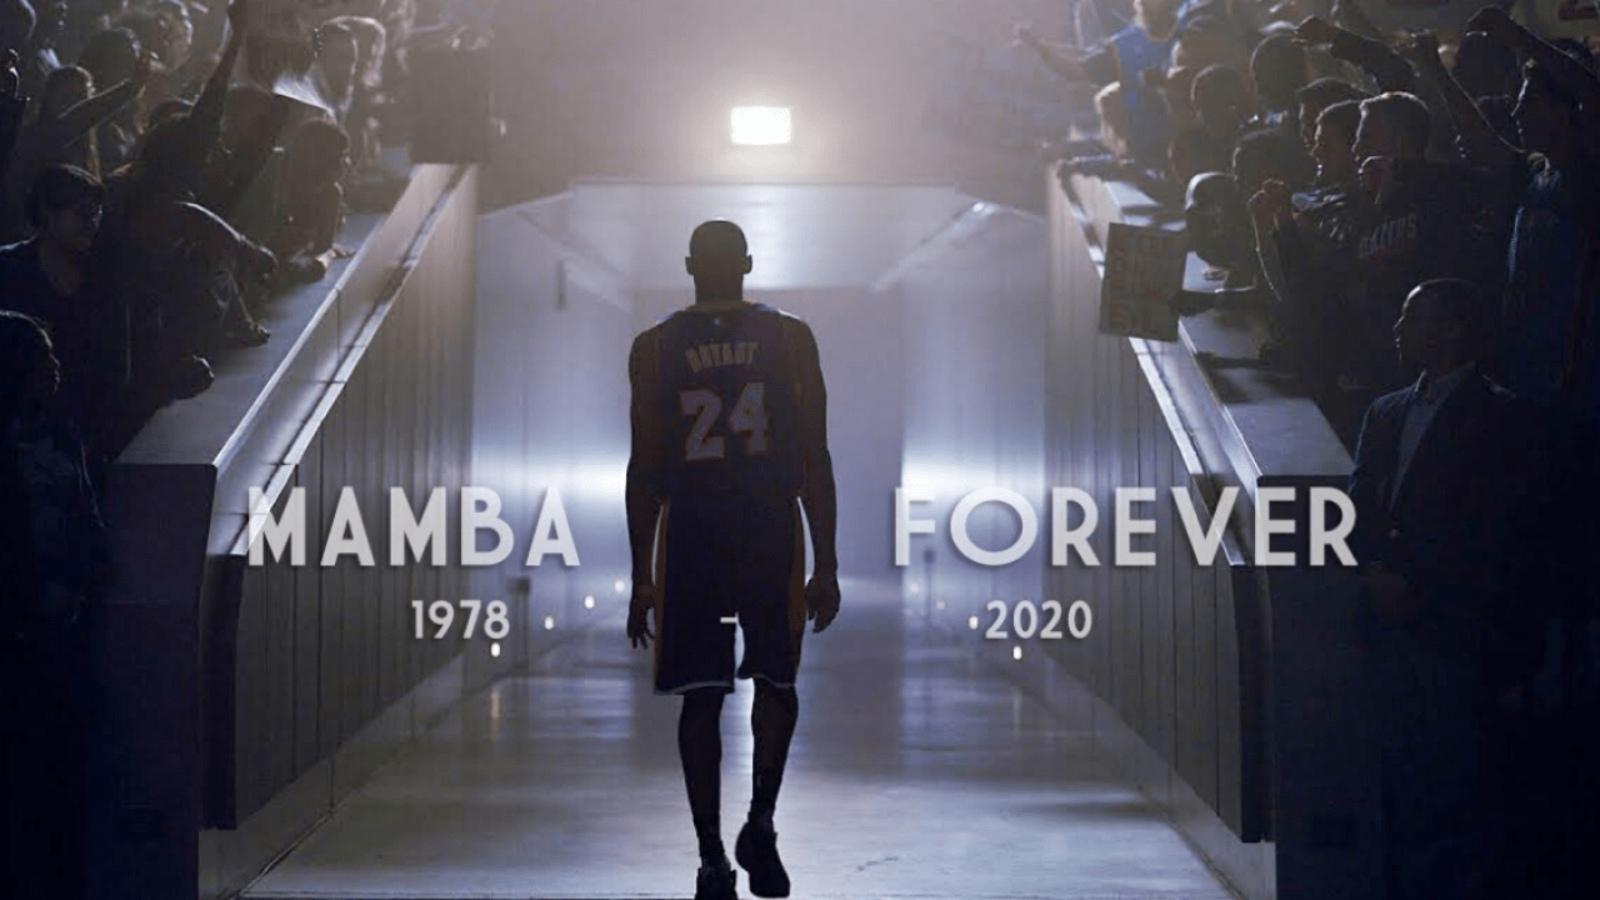 Η διαφήμιση της Nike για τη μνήμη του Kobe αποτελεί παράδειγμα για όλους μας